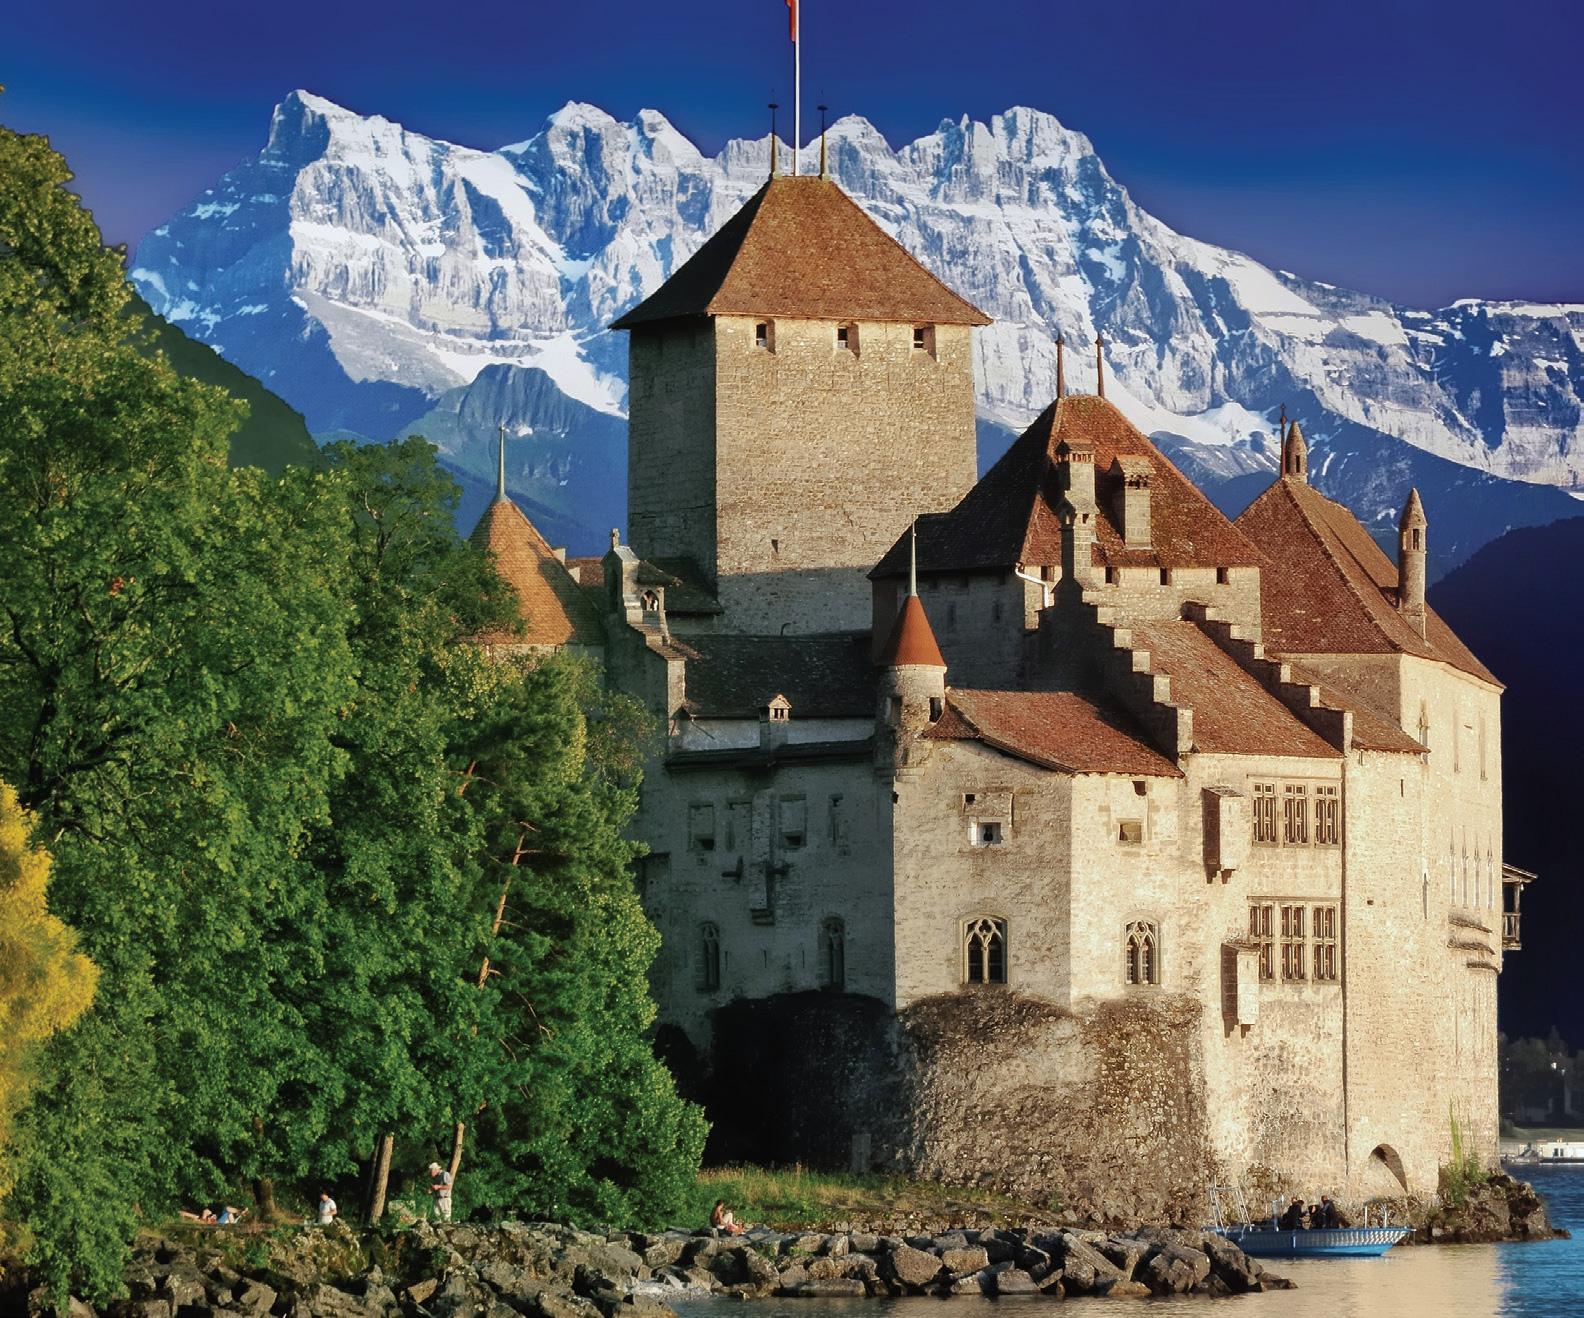 Au fil des années, les partenariats avec les acteurs culturels ont continué d'être tissés avec le Kiosque portant aujourd'hui leur nombre à une cinquantaine dont le dernier accord de partenariat a été conclu avec le Château de Chillon.